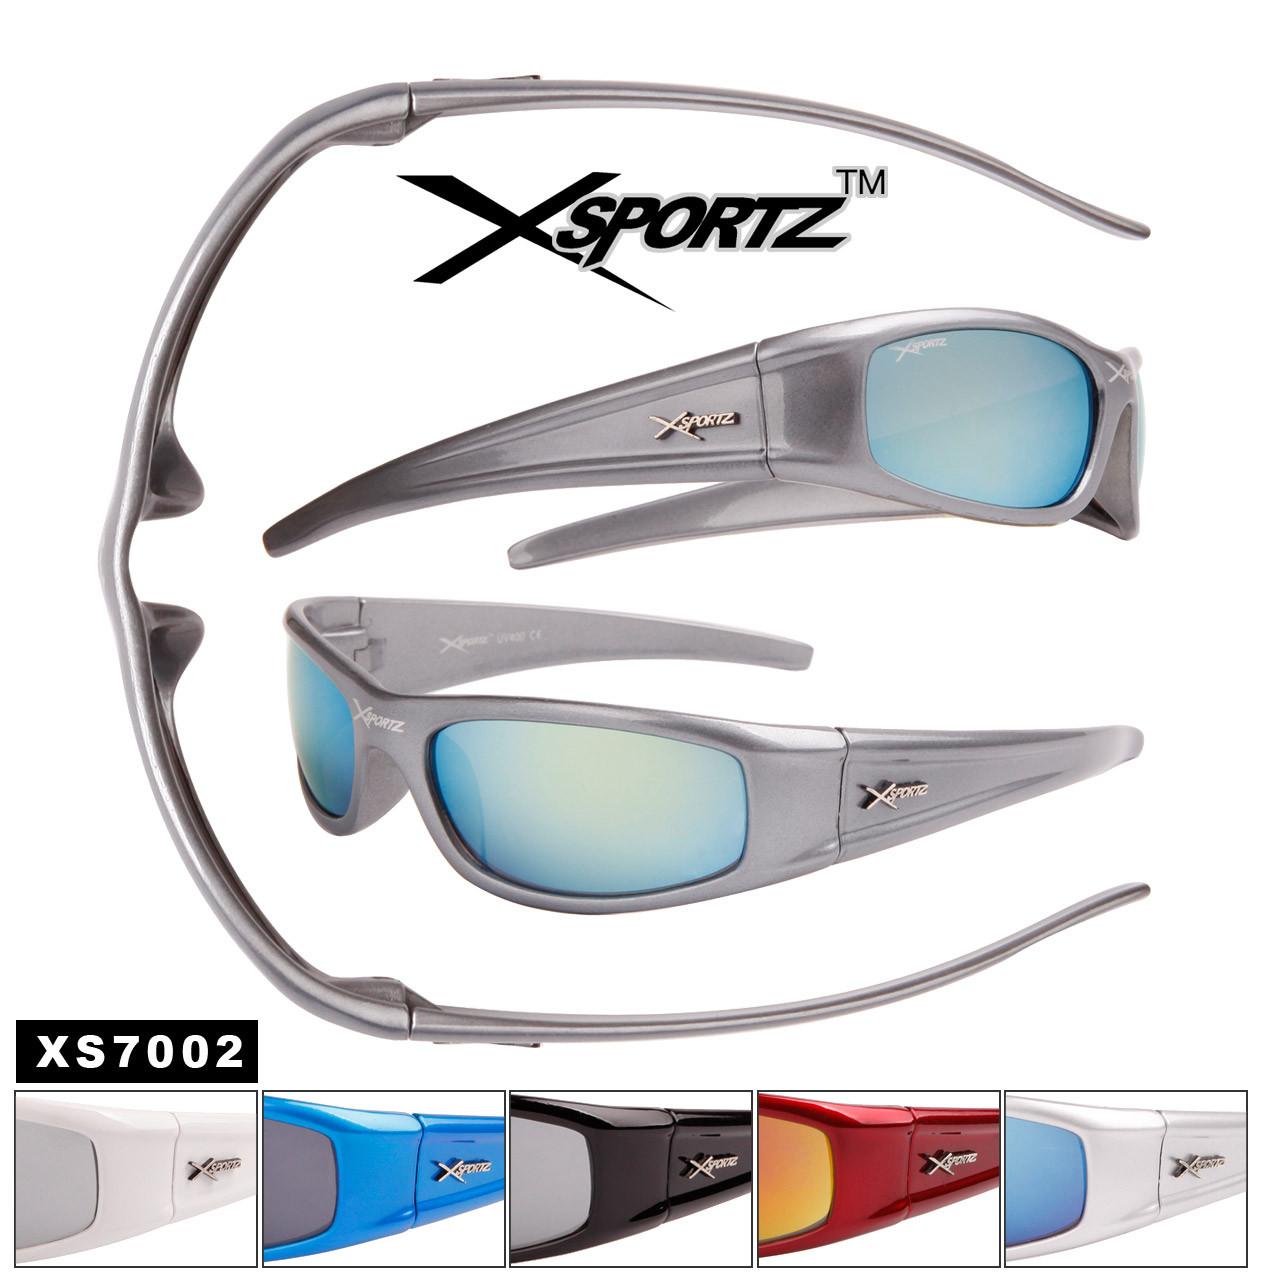 Xsportz™ Men's Sunglasses by the Dozen - Style #XS7002 (Assorted Colors) (12 pcs.)